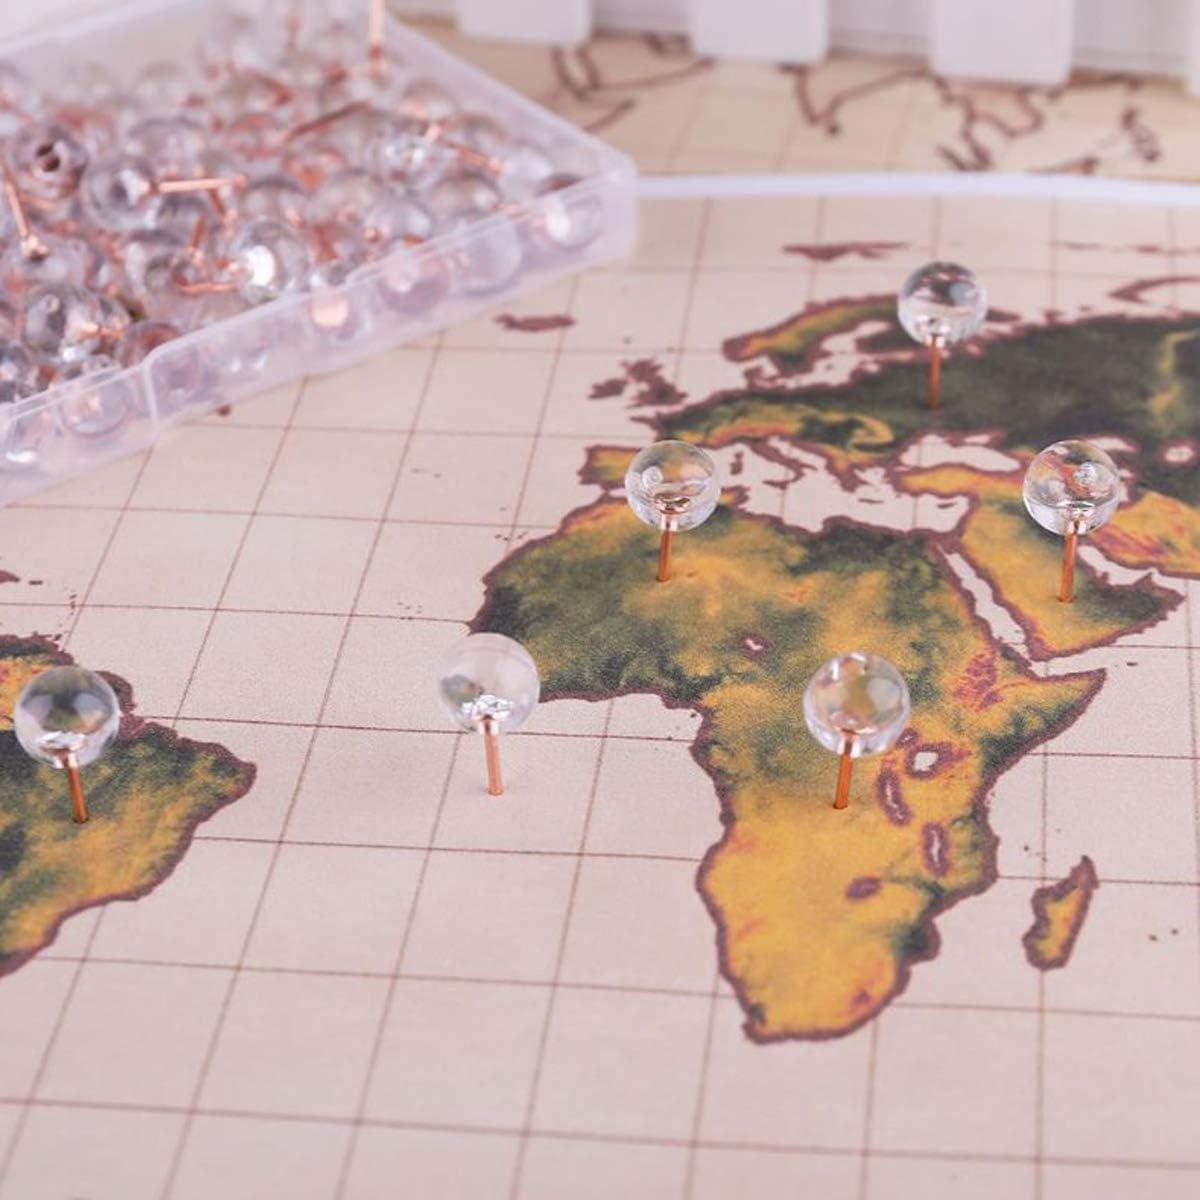 100St/ück Pinnadeln Stecknadeln mit Stahl Punkt Ros/égold Markierungsnadeln Rundkopfnadeln Pinwandnadeln Karte Nagel Runder Kopf Nadel Map Push Pins Landkartennadeln mit Transparentbox-Nadell/änge 10mm